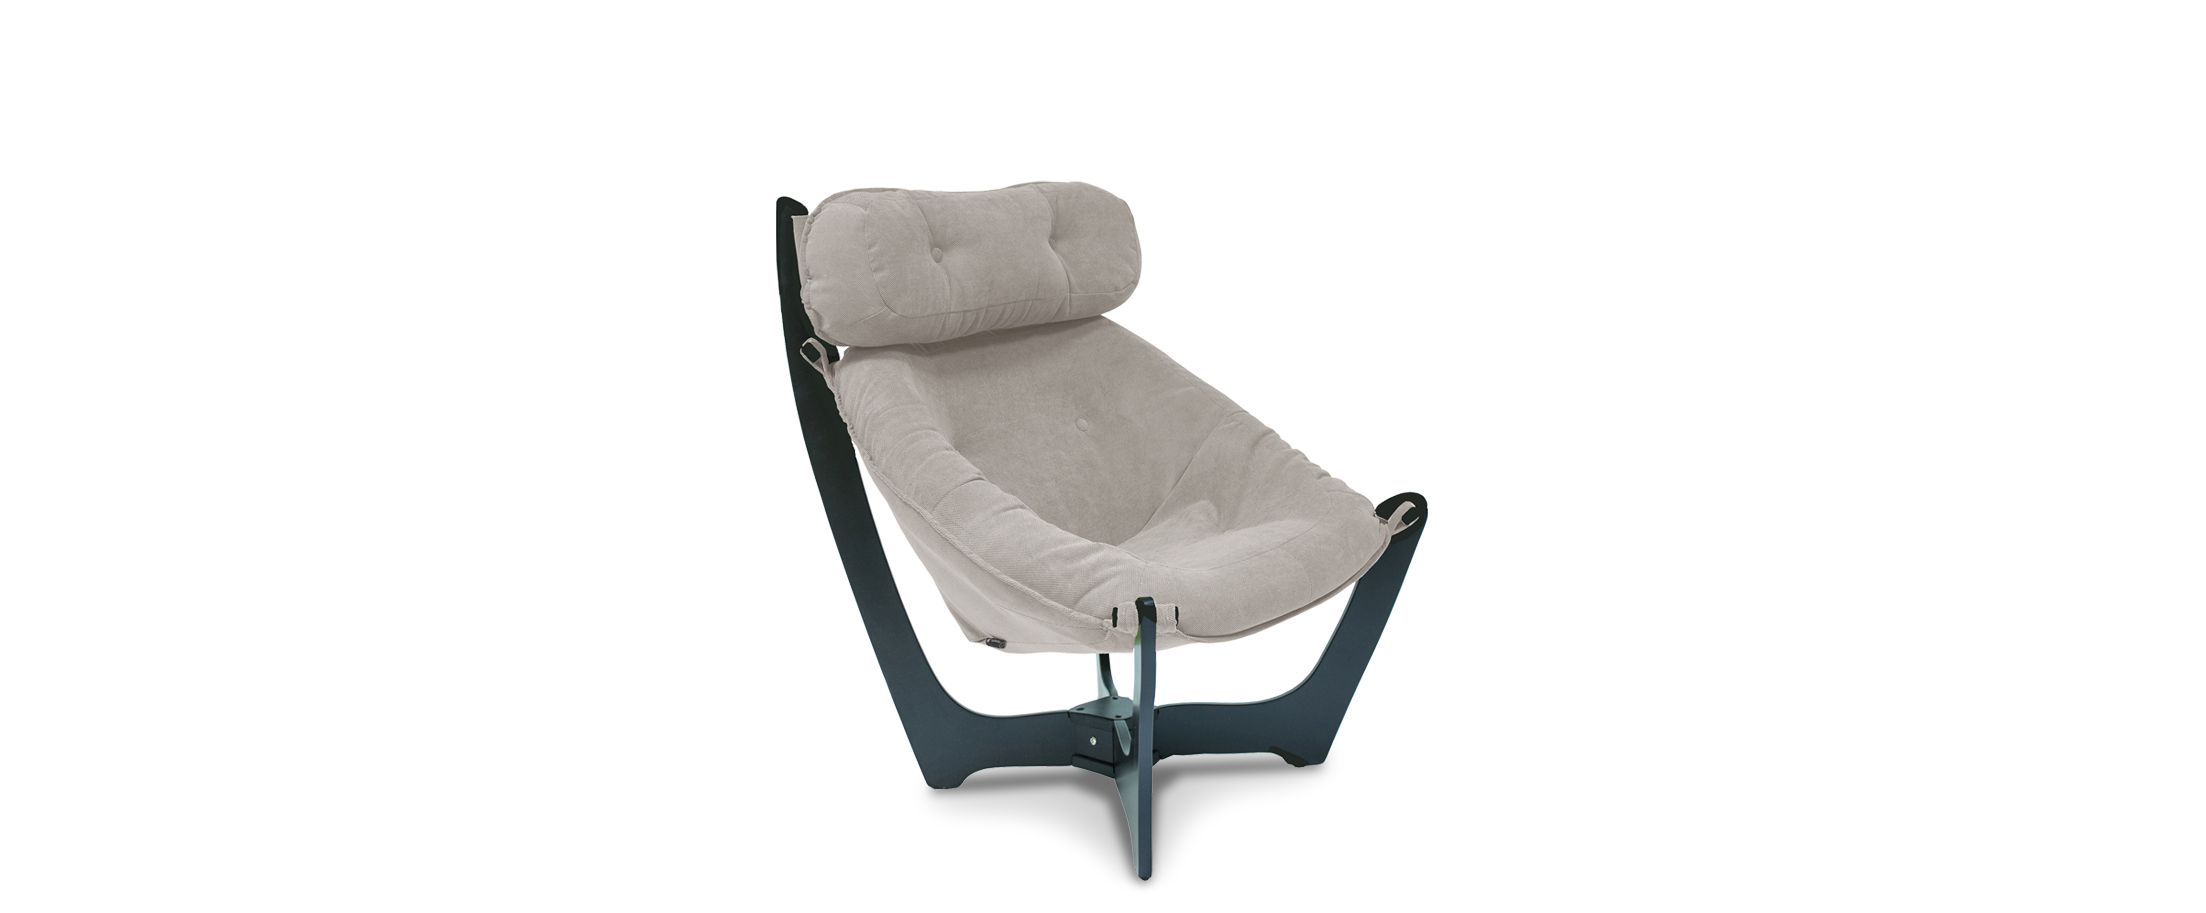 Кресло для отдыха 11Кресло для отдыха 11 светло-серого цвета Модель 364 артикул С000115<br>